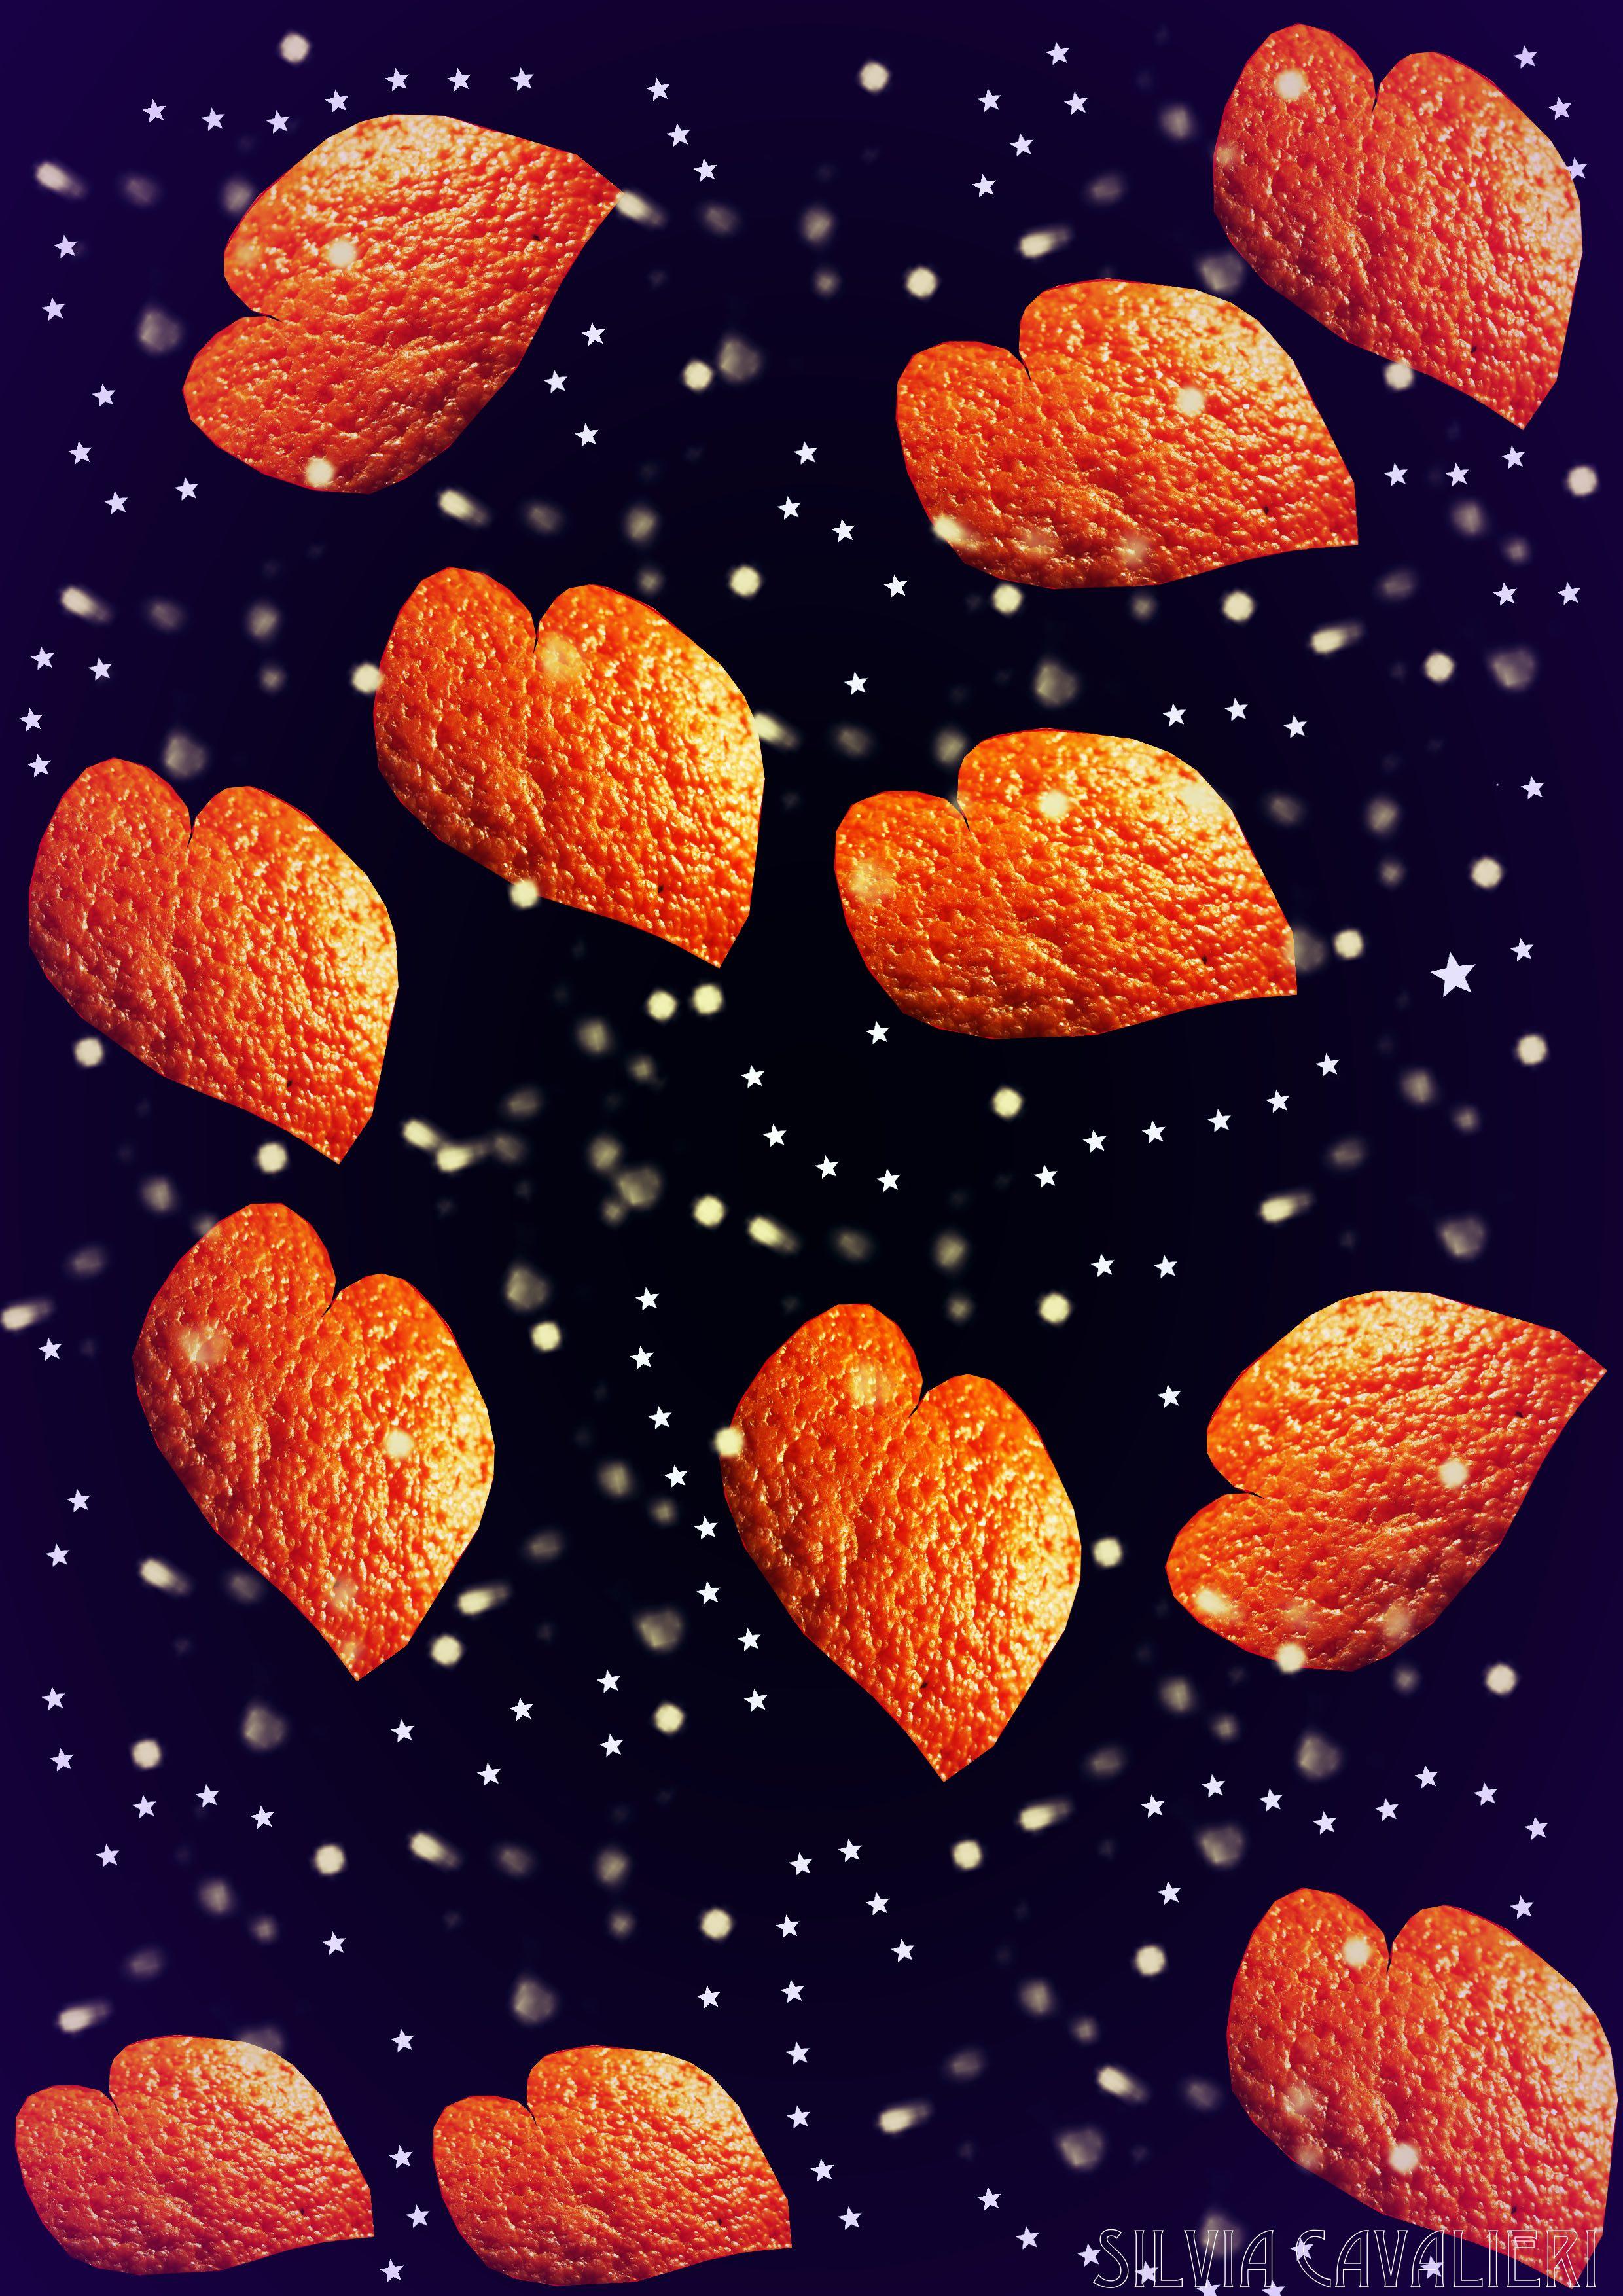 cuore d'arancia.jpg